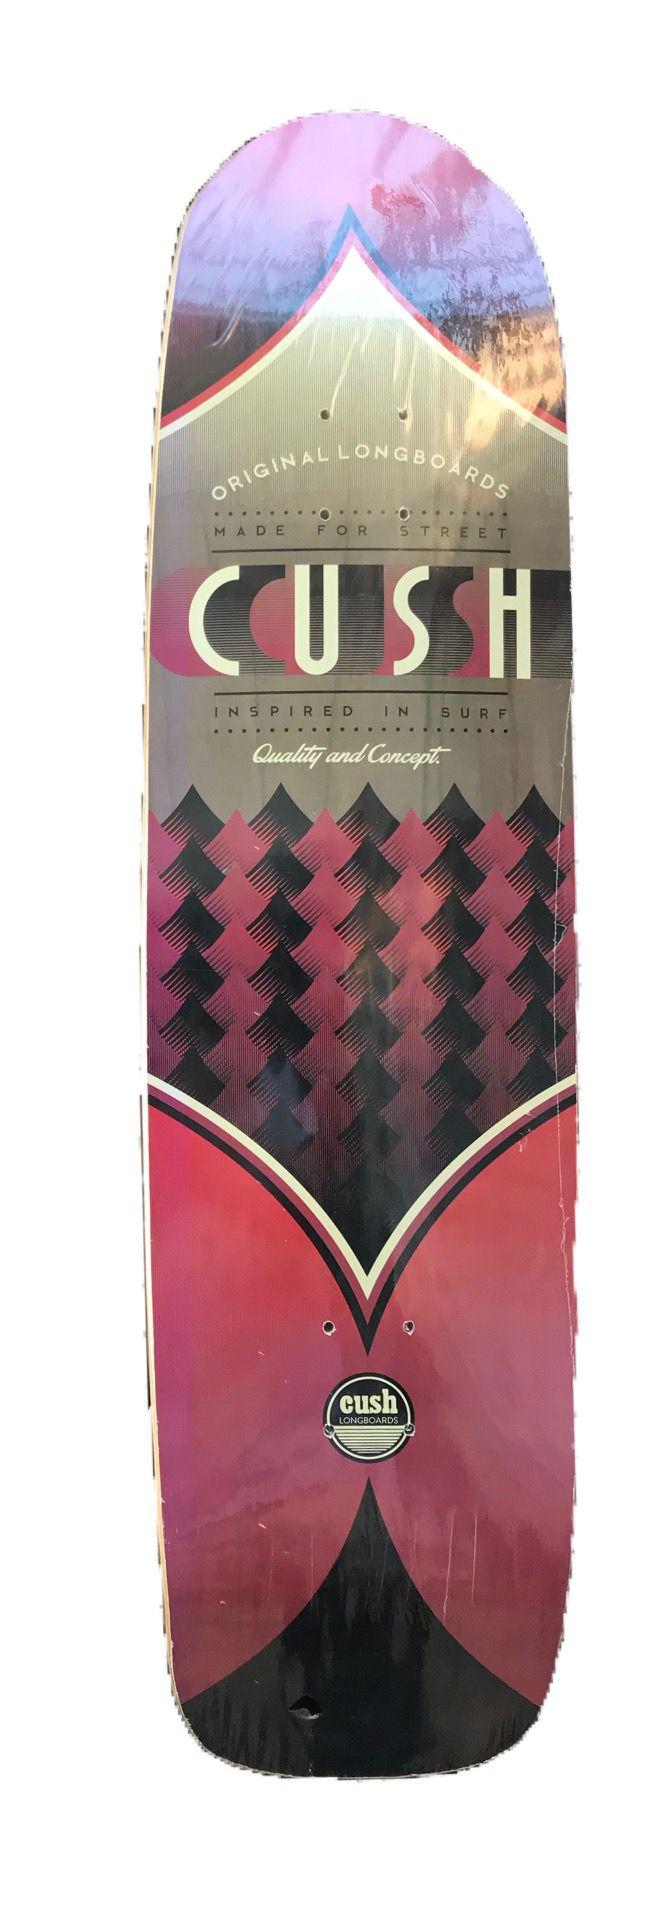 Shape Cush Semilong 9,25 x 36